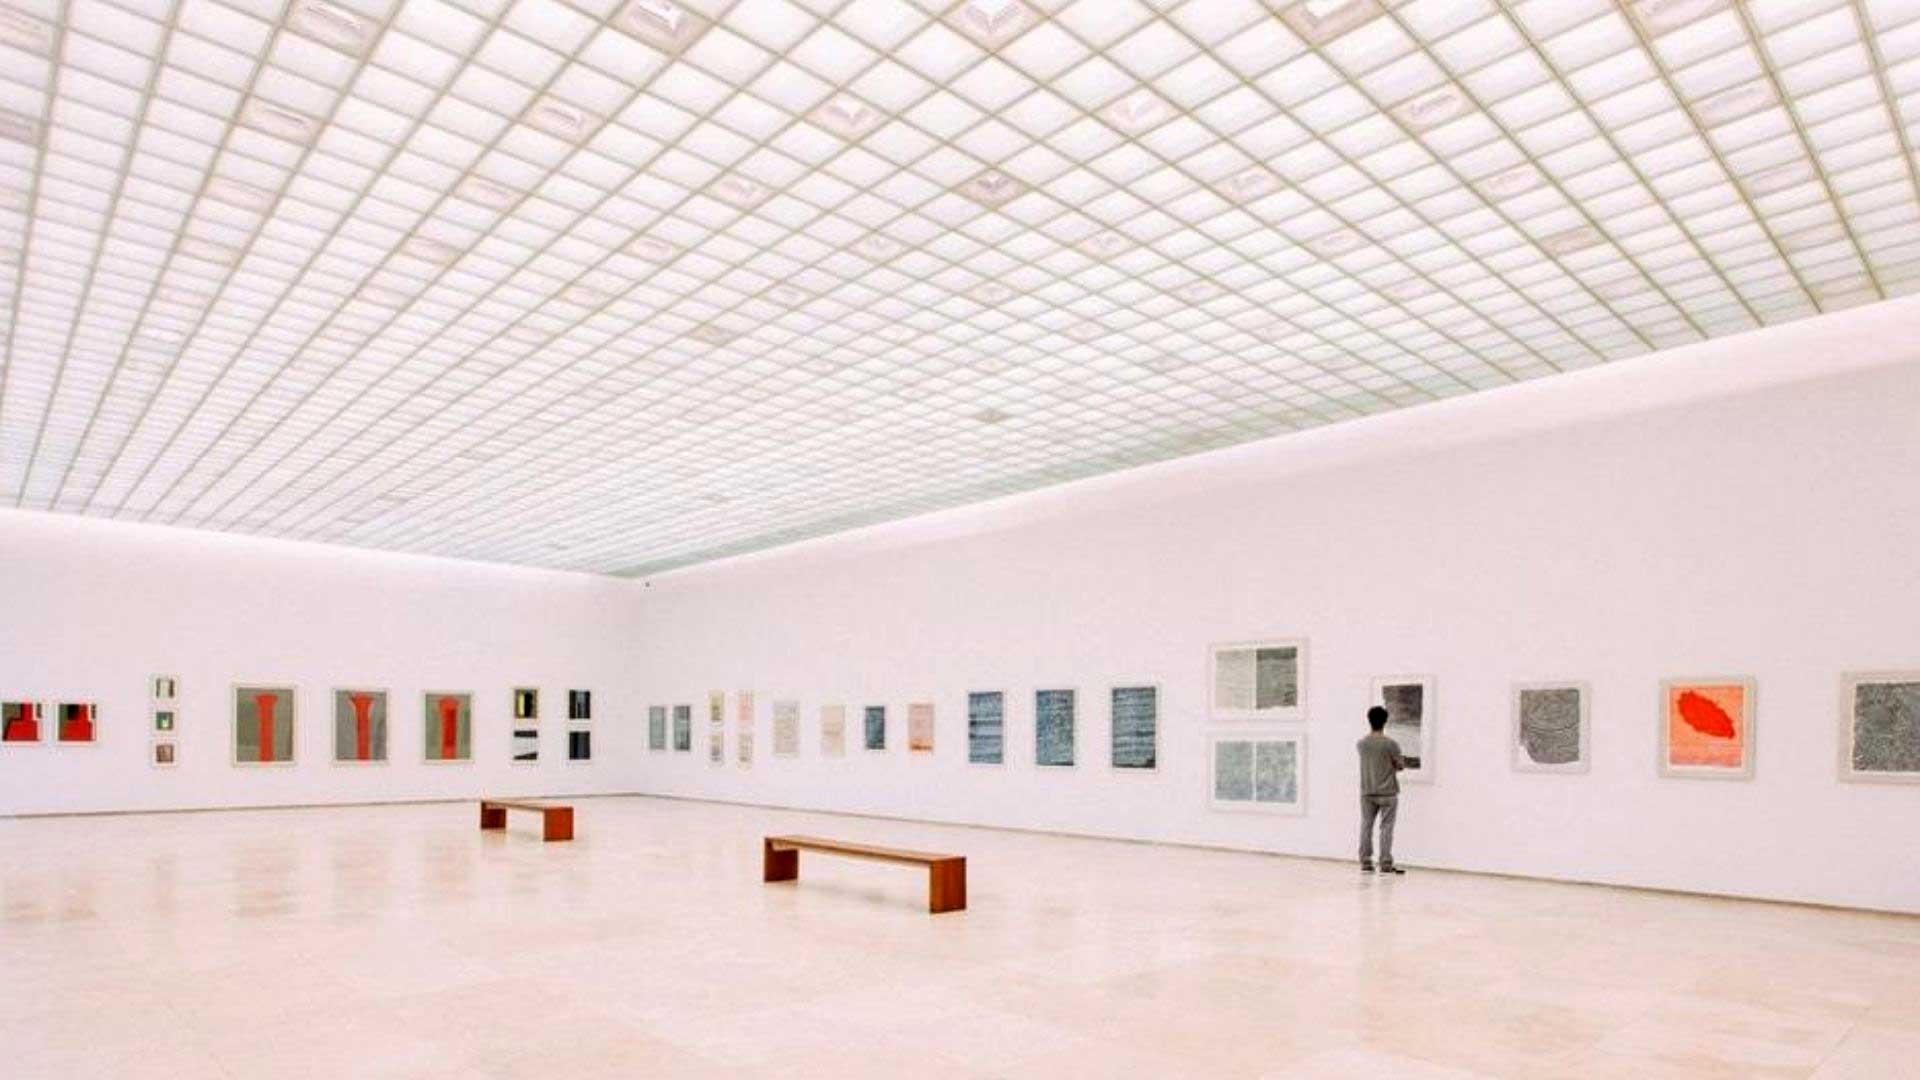 Sistemas de Supresion de Incendios Obras de Artes